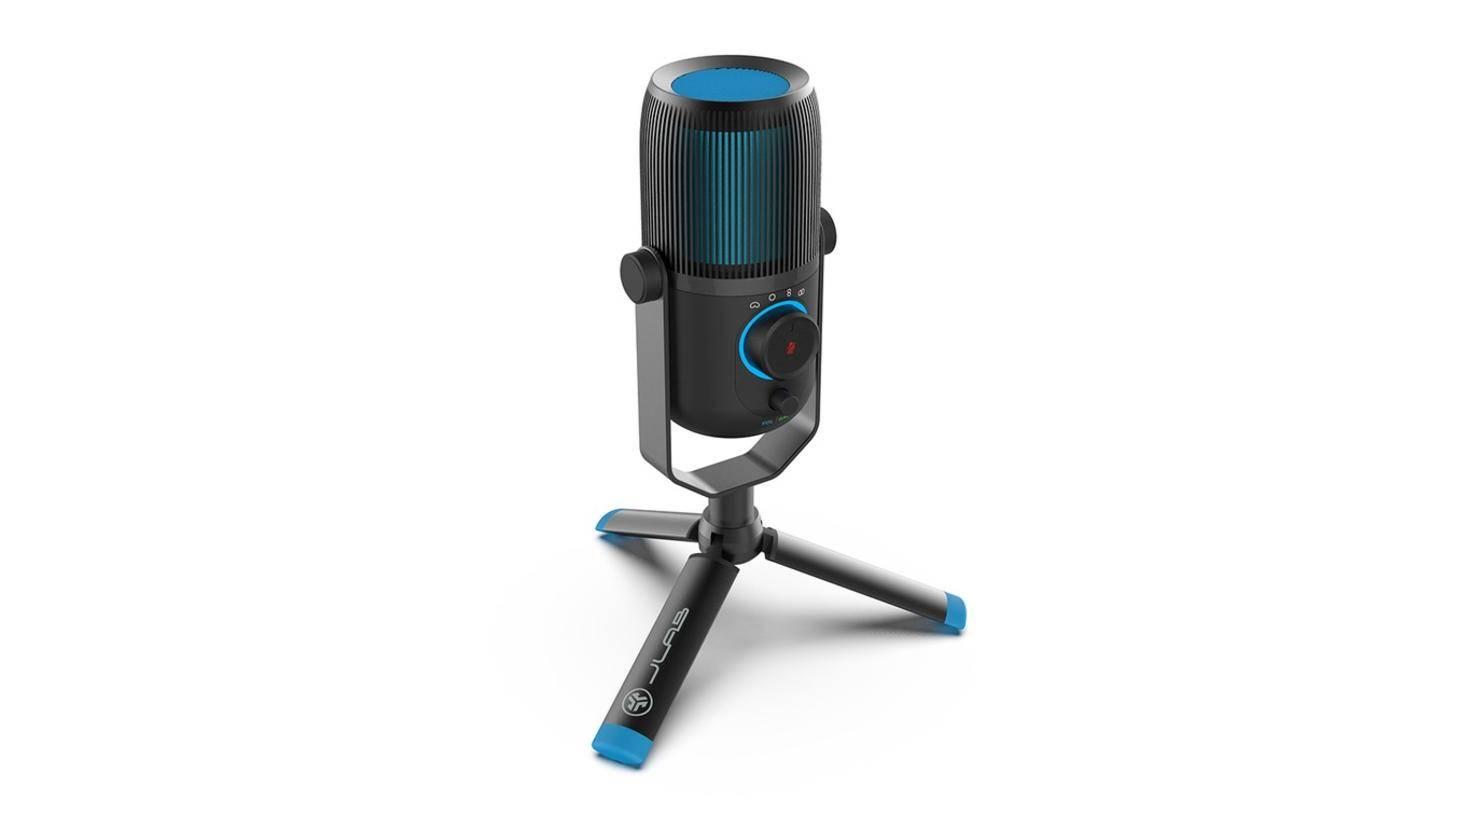 JLab-Talk microphone